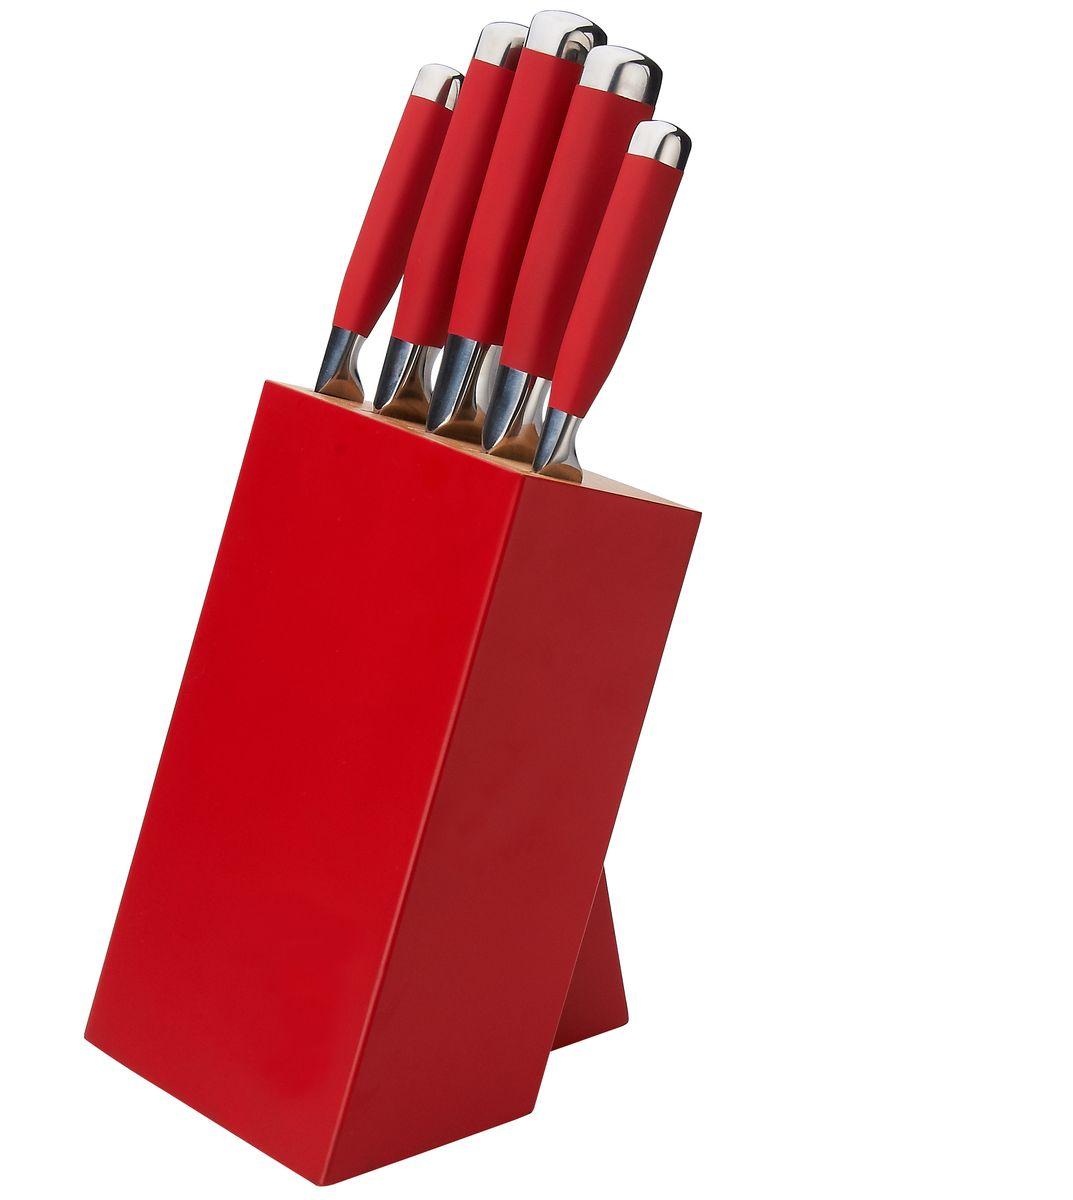 """Компания """"Gipfel"""" использует для производства кухонных ножей высокоуглеродистую легированную нержавеющую сталь (с повышенным содержанием углерода). Ножи из высокоуглеродистой нержавеющей стали относятся к ножам более высокого класса. Эти ножи сочетают в себе все самые лучшие свойства углеродистой и нержавеющей стали. Высокое содержание углерода способствует долгому сохранению заточки, а нержавеющая сталь обеспечивает устойчивость к коррозии и пятнообразованию. Ножи из высокоуглеродистой стали имеют в составе сплава дополнительные элементы, например, молибден, ванадий. Их наличие способствует увеличению твёрдости, времени сохранения заточки и режущей способности. Для производства кухонных ножей """"Gipfel"""" используются две разновидности высокоуглеродистой стали - X30Cr13 и X50CrMoV15. Благодаря технологиям ножи """"Gipfel"""" прекрасно держат заточку, не ржавеют, очень прочны и легки в использовании и уходе."""